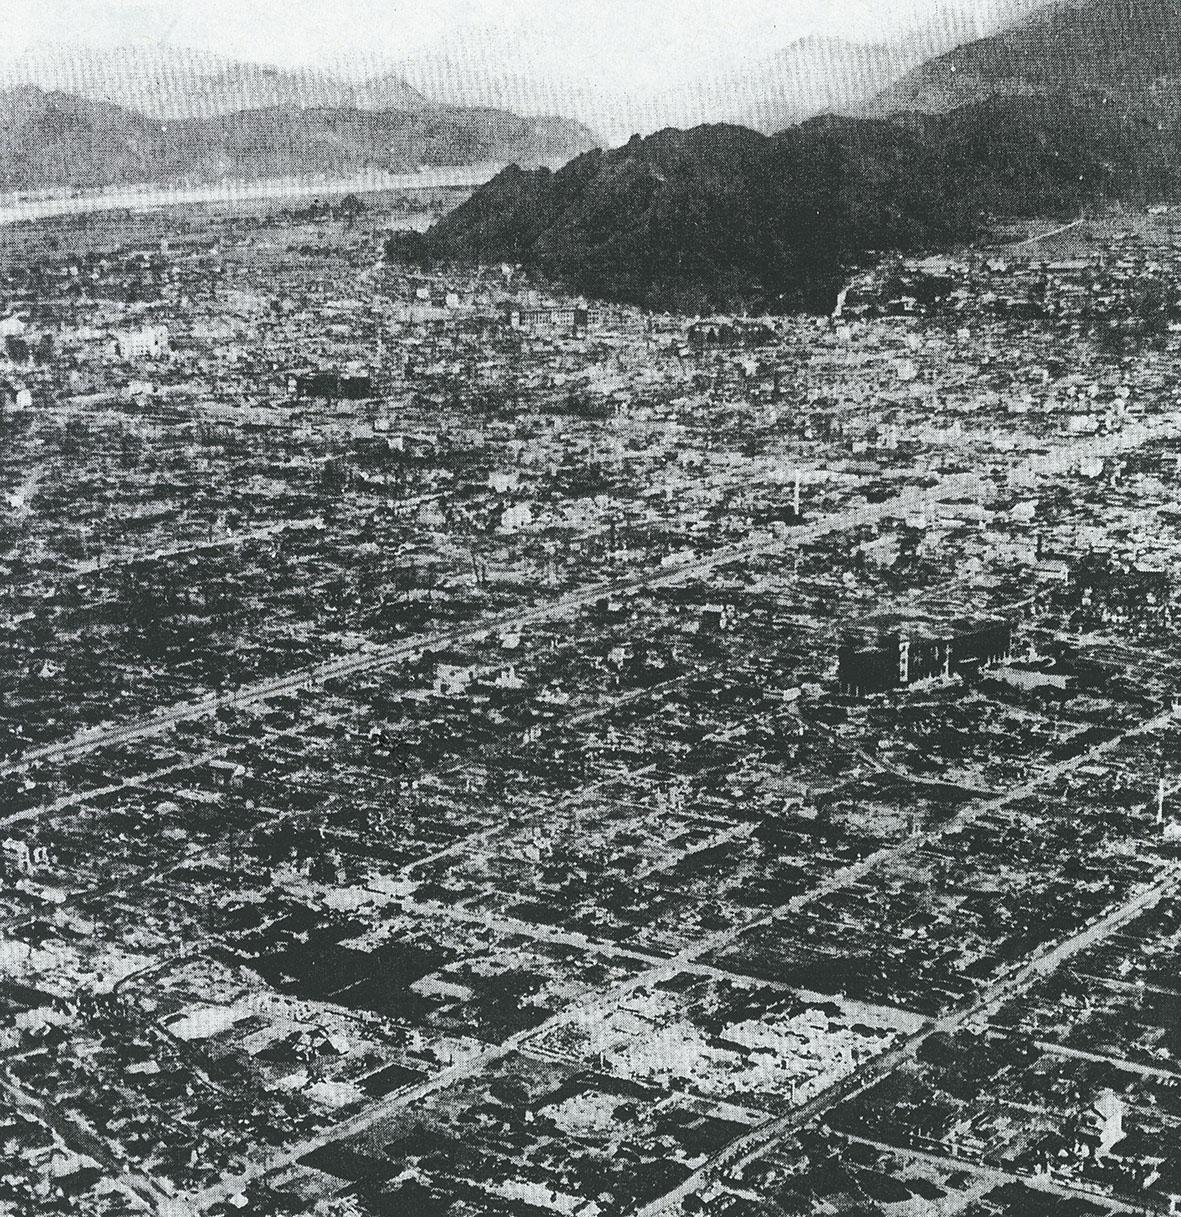 空襲直後の静岡市